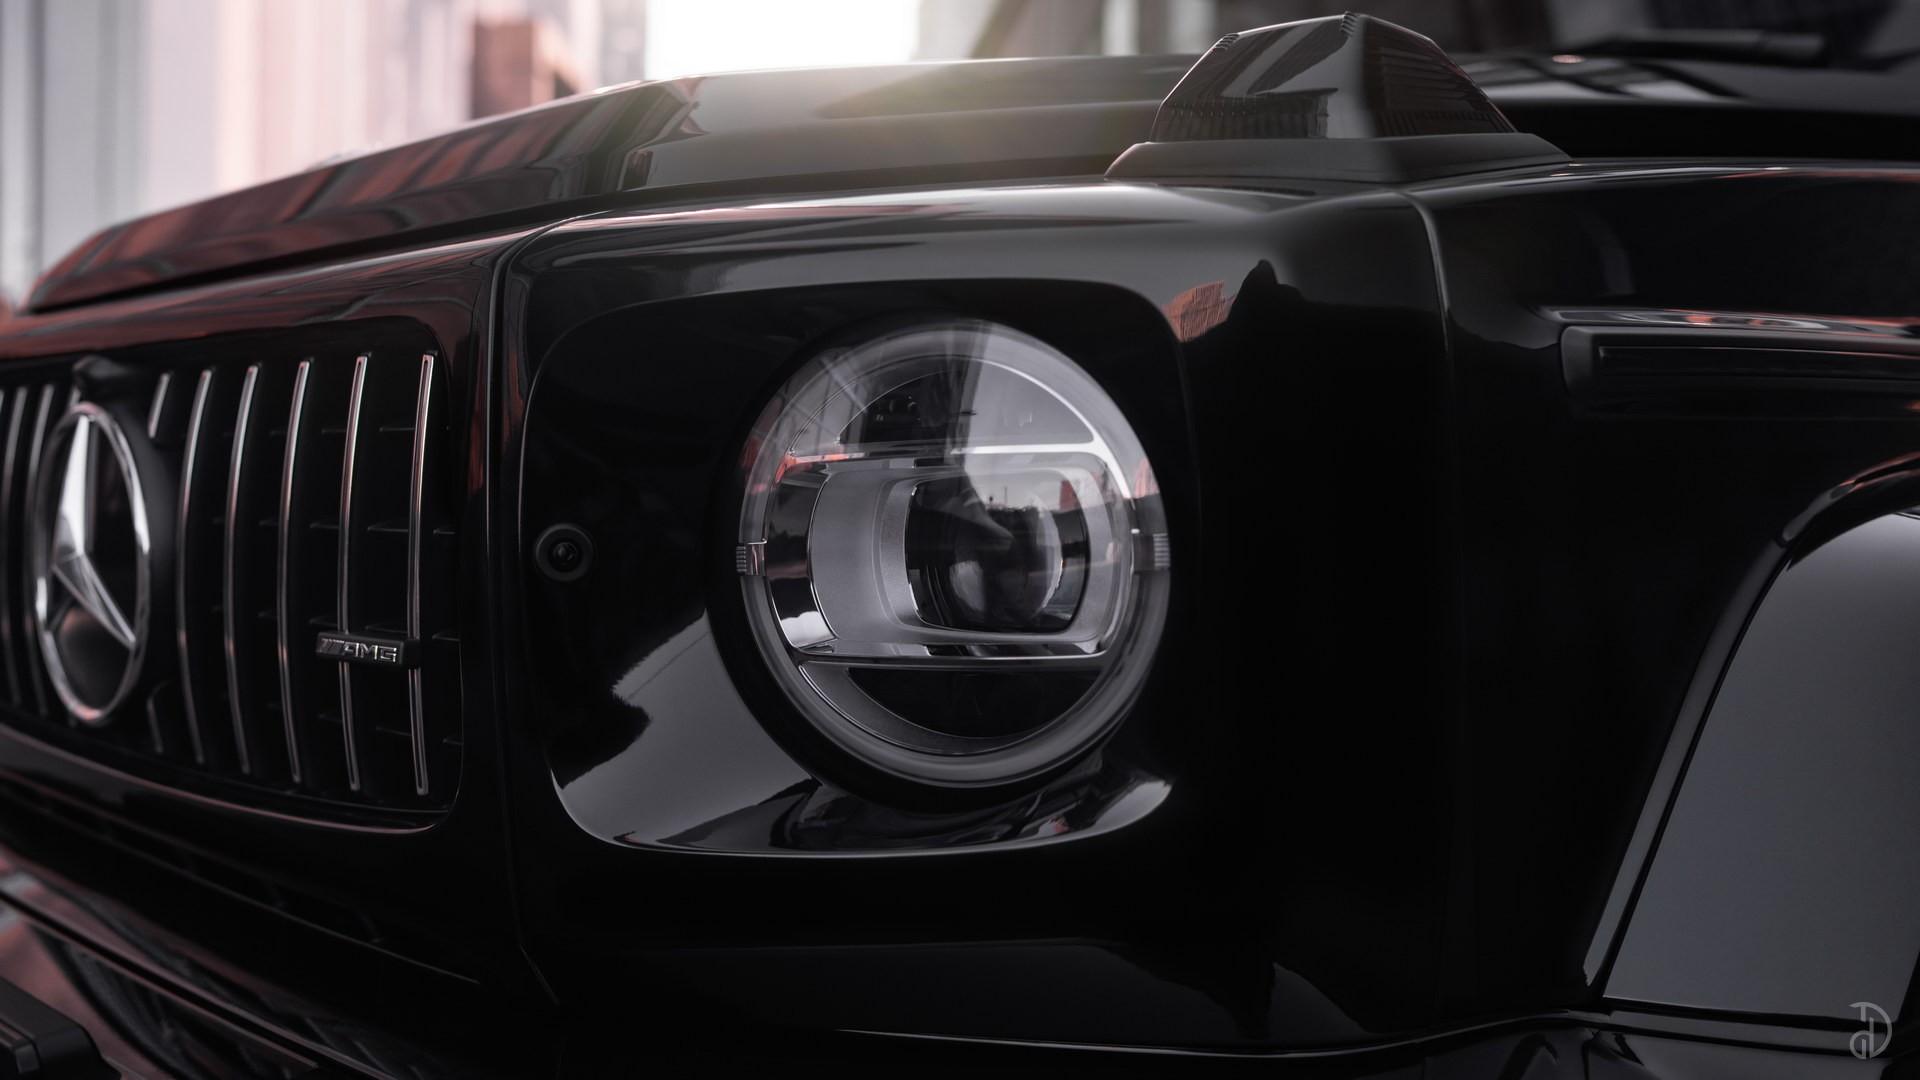 Аренда Гелендвагена Mercedes G 63 AMG 2021 (глянцевый) в Москве. Фото 6